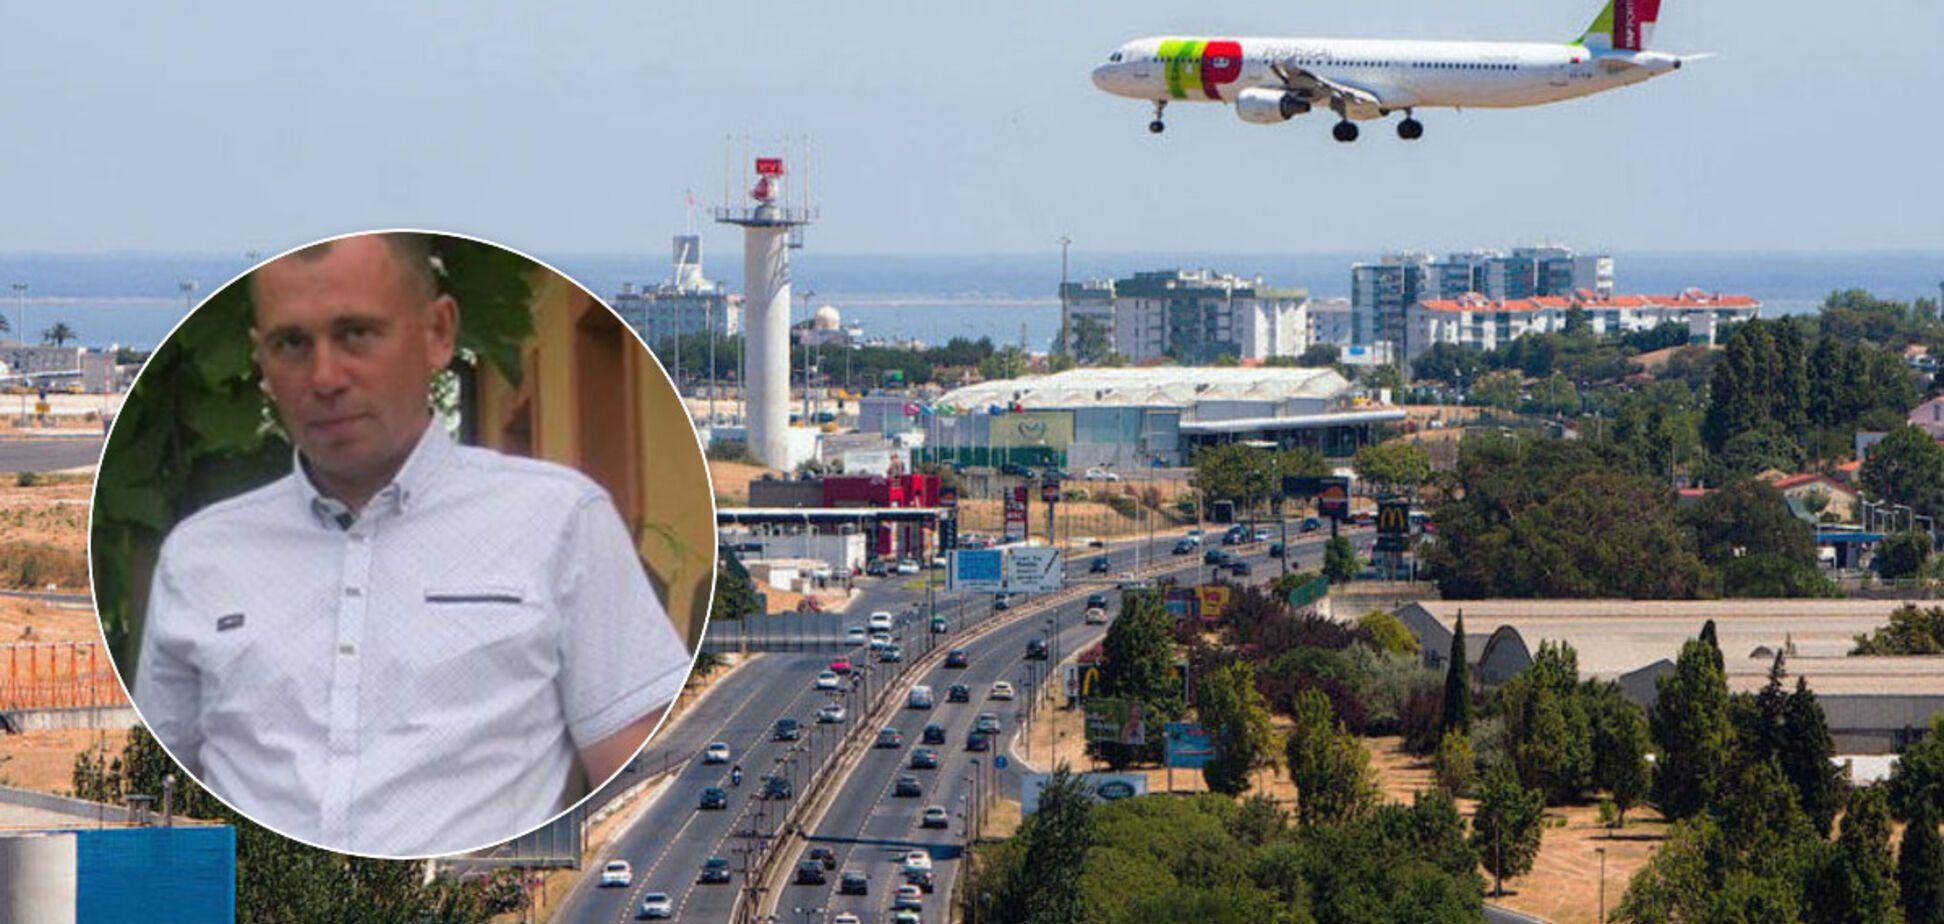 Замаскировали побои под эпилепсию: выяснились детали зверского убийства украинца в аэропорту Лиссабона